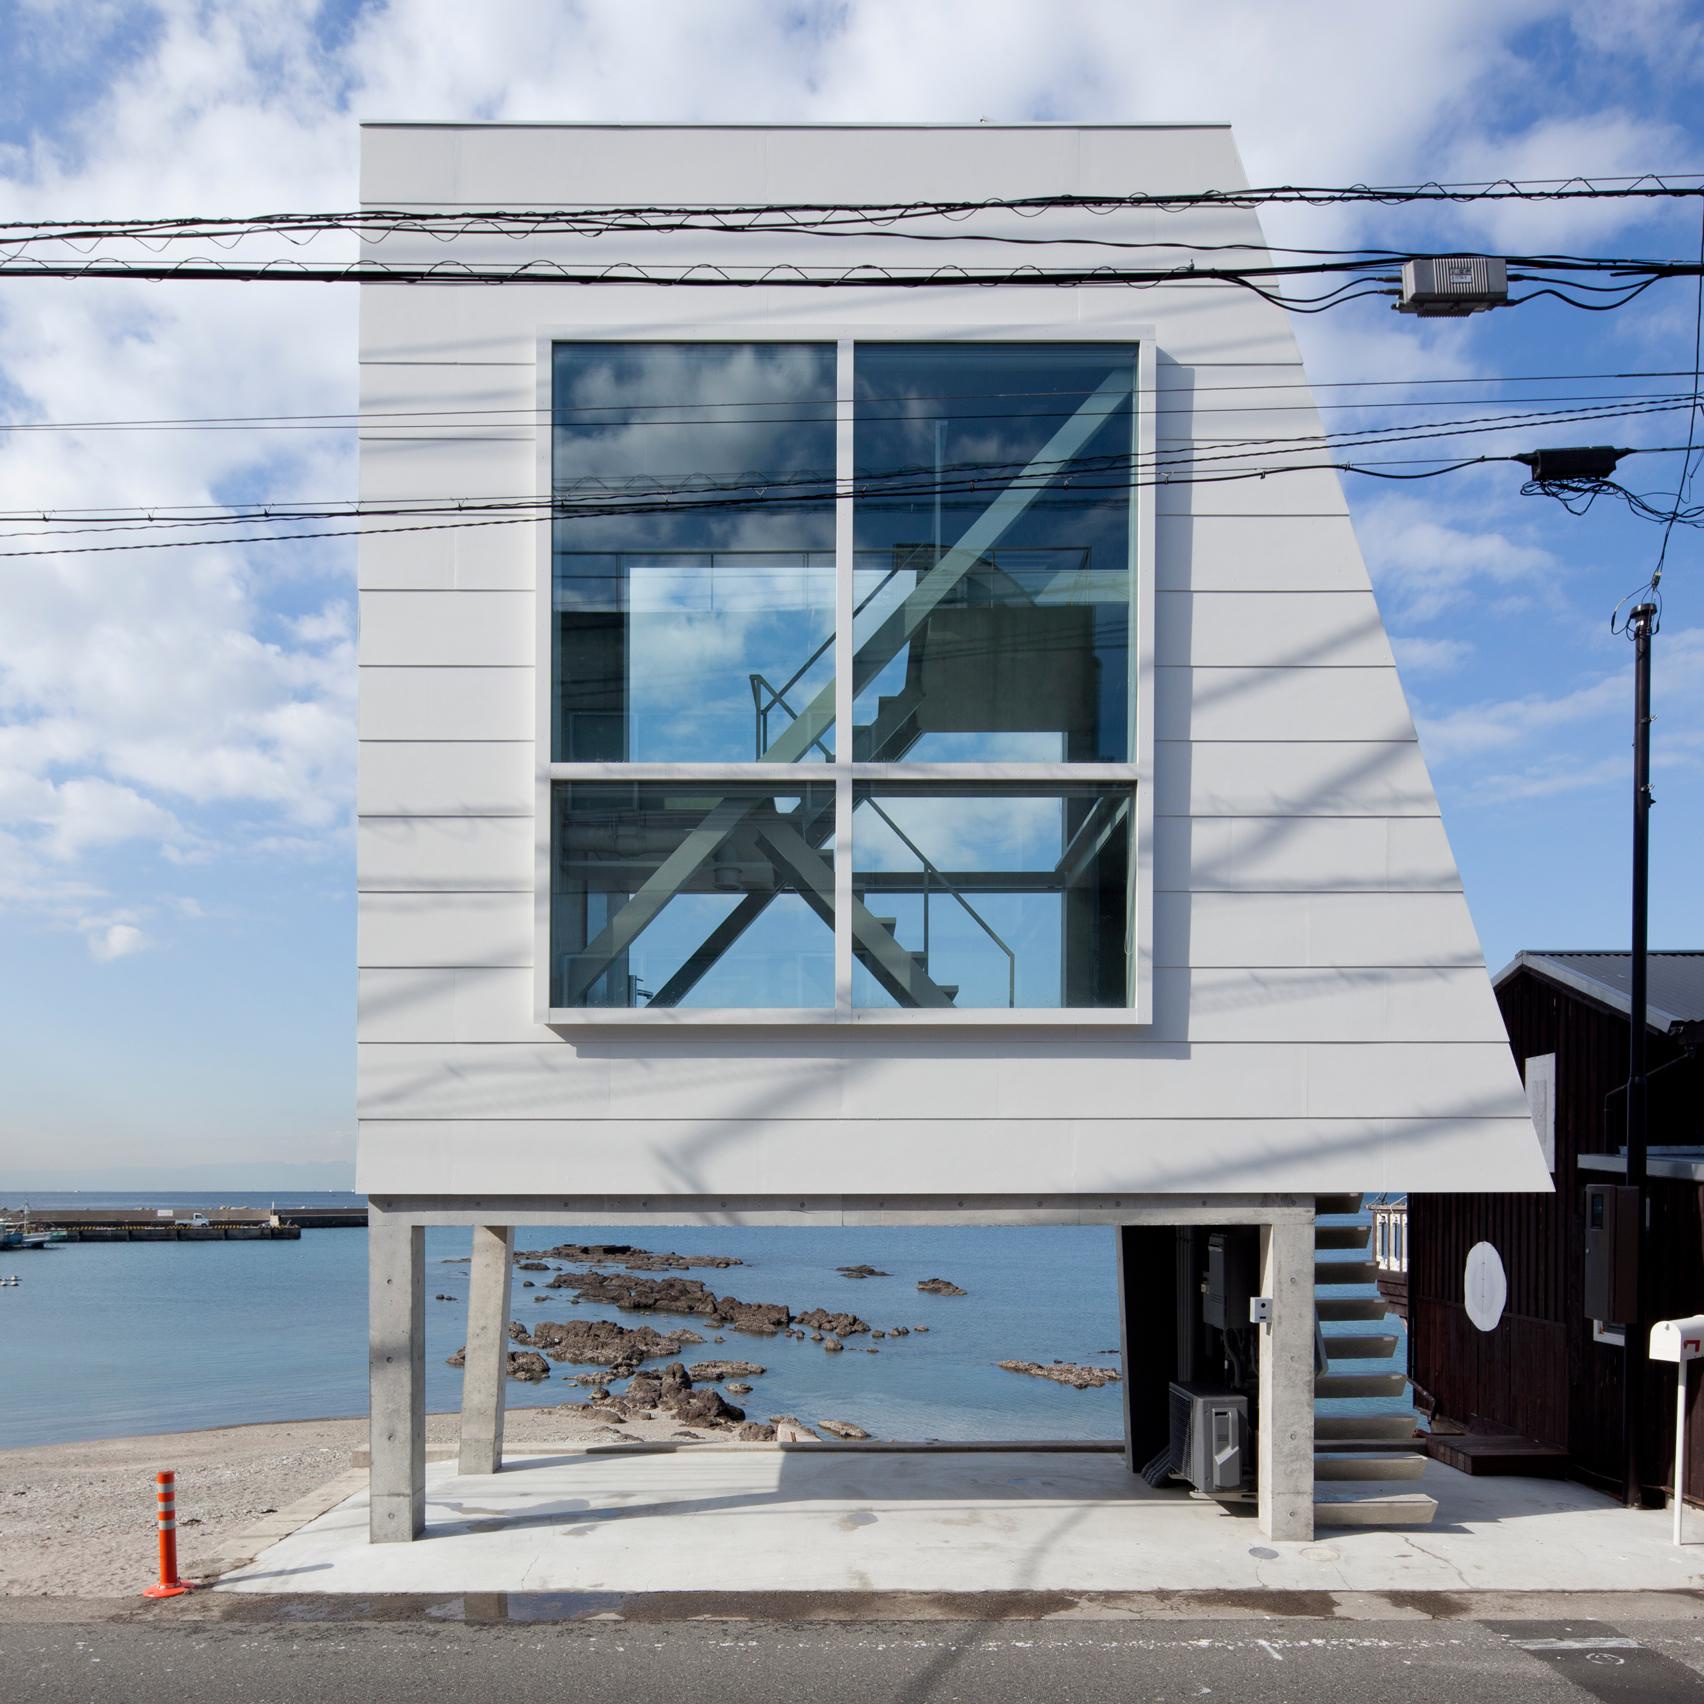 window-house-yasutaka-yoshimura-micro-homes-roundups-architecture_dezeen_sq-b.jpg